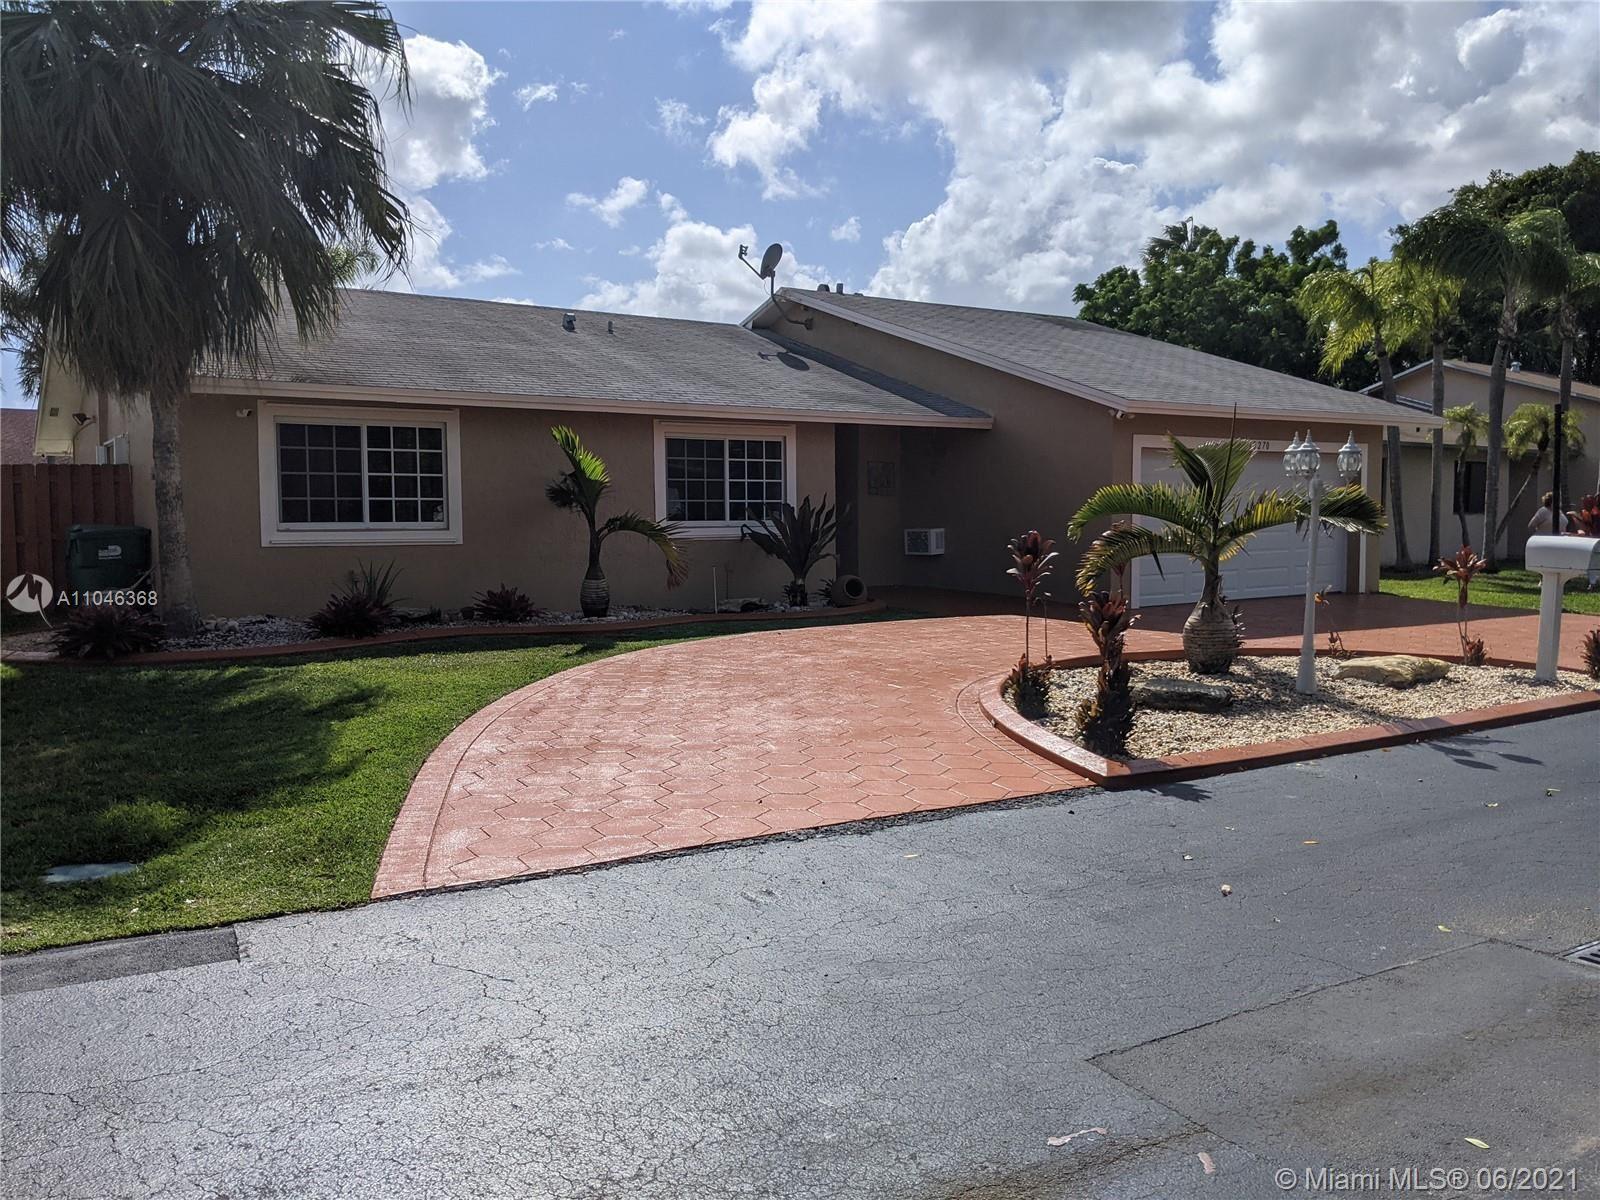 10270 SW 144th Pl, Miami, FL 33186 - #: A11046368